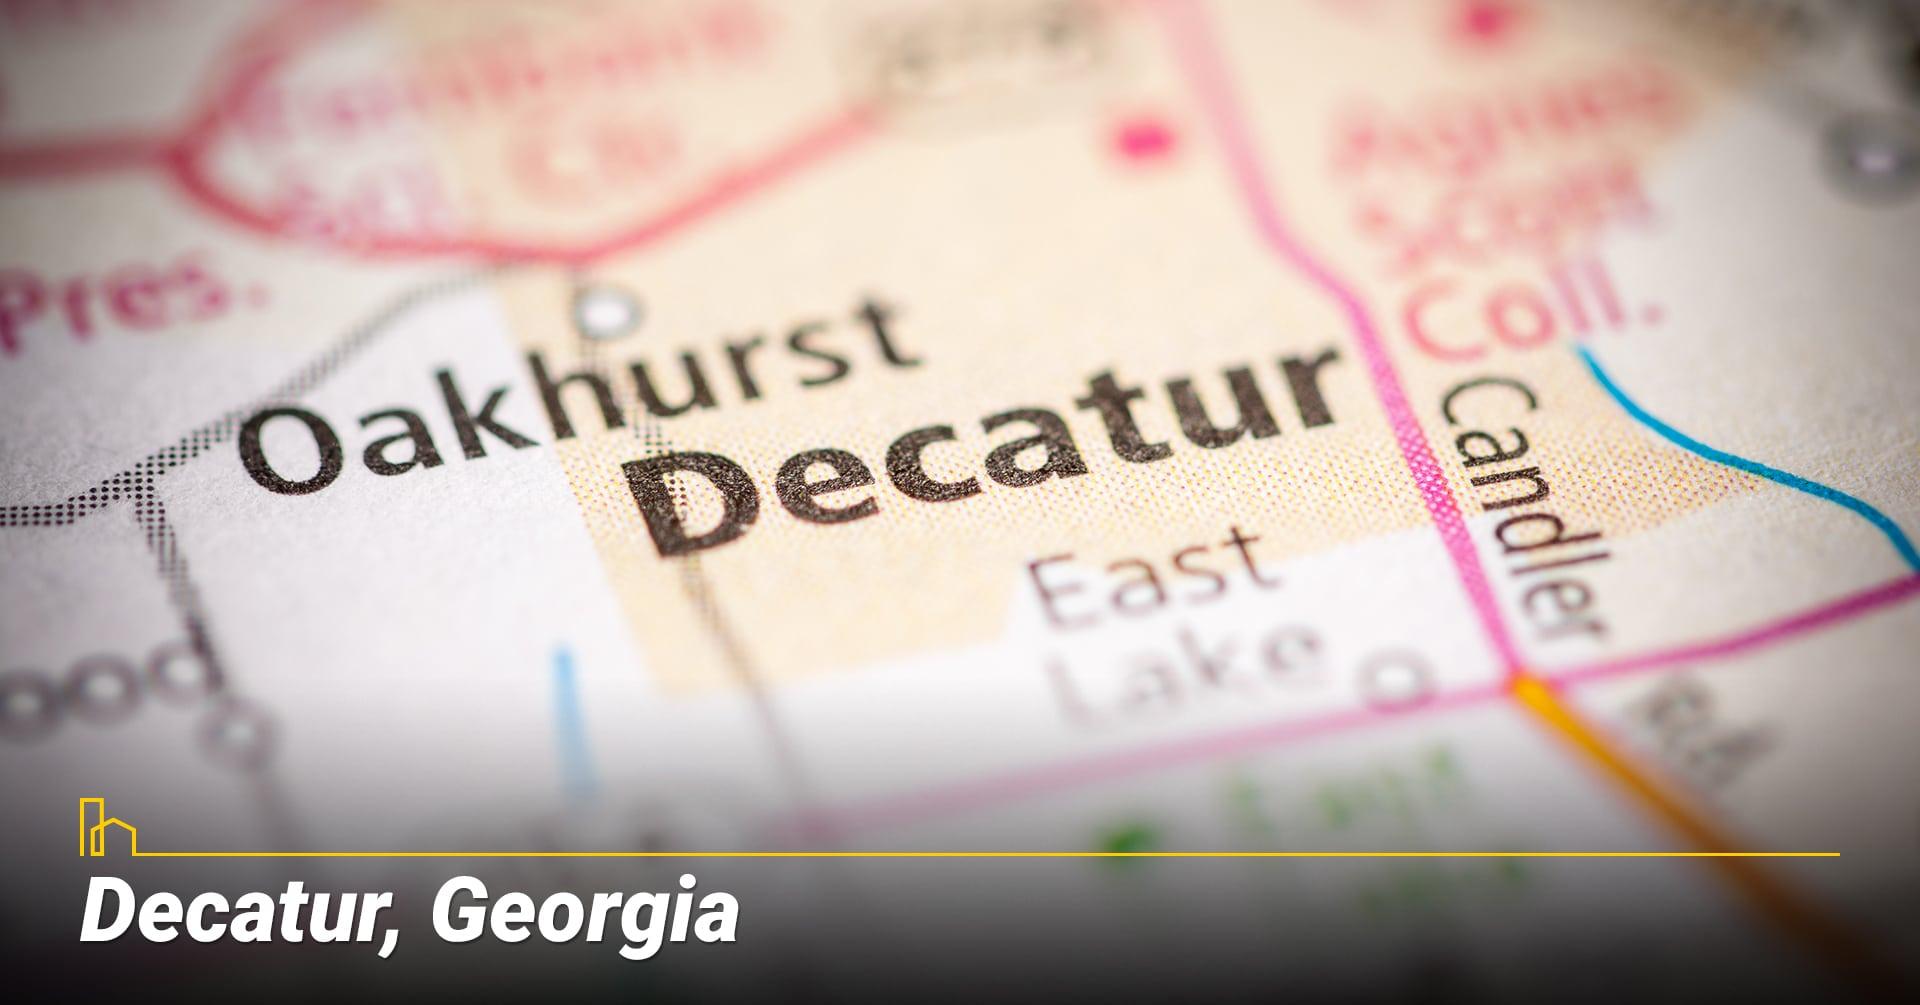 Decatur, Georgia